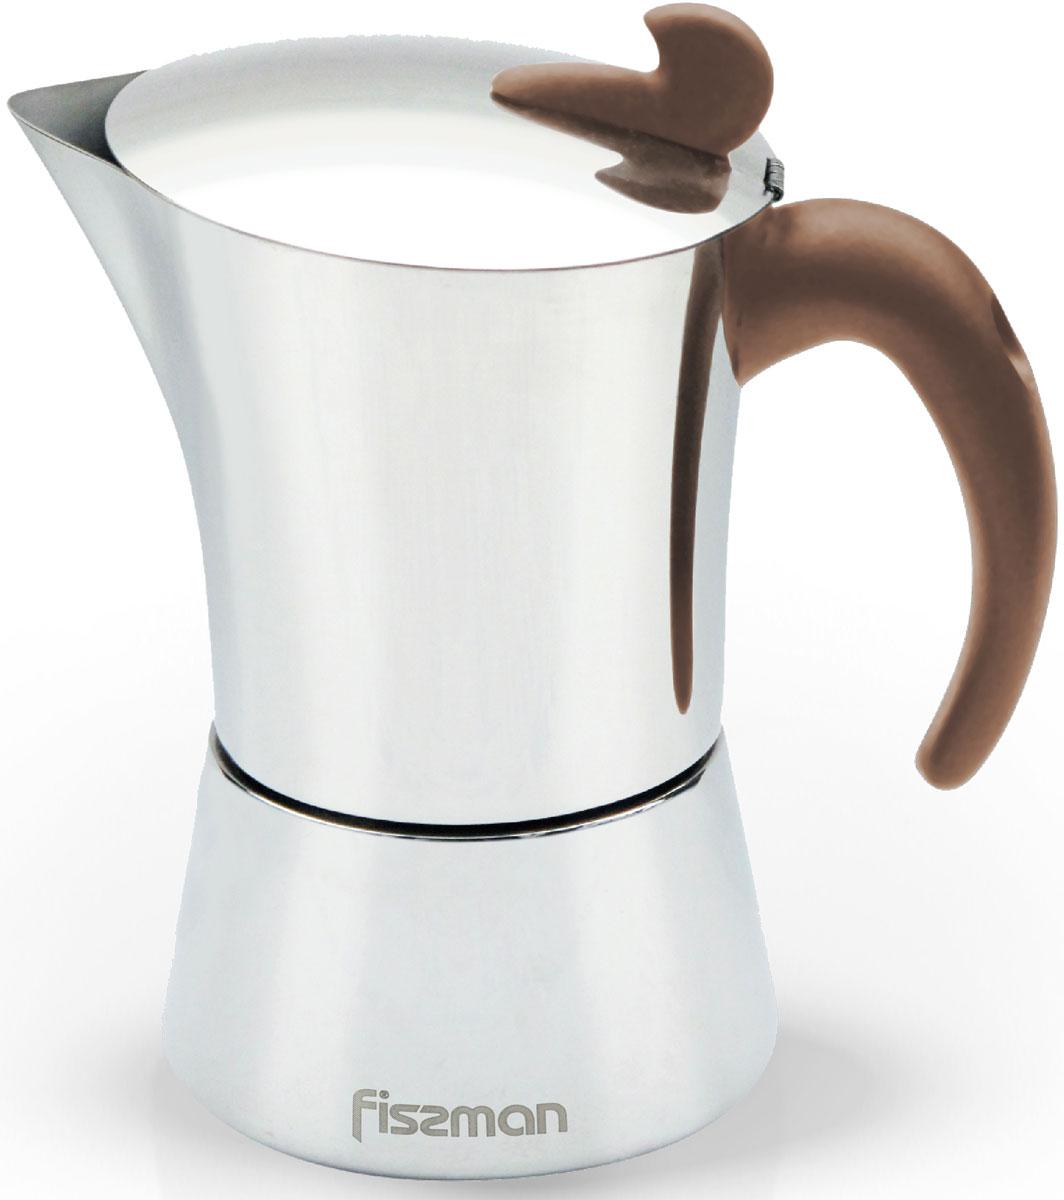 Кофеварка гейзерная Fissman, на 6 порций, 360 млEM-9415.9Перед первым использованием посуду следует помыть и протереть сухой тряпкой.Как выбрать кофеварку. Статья OZON Гид